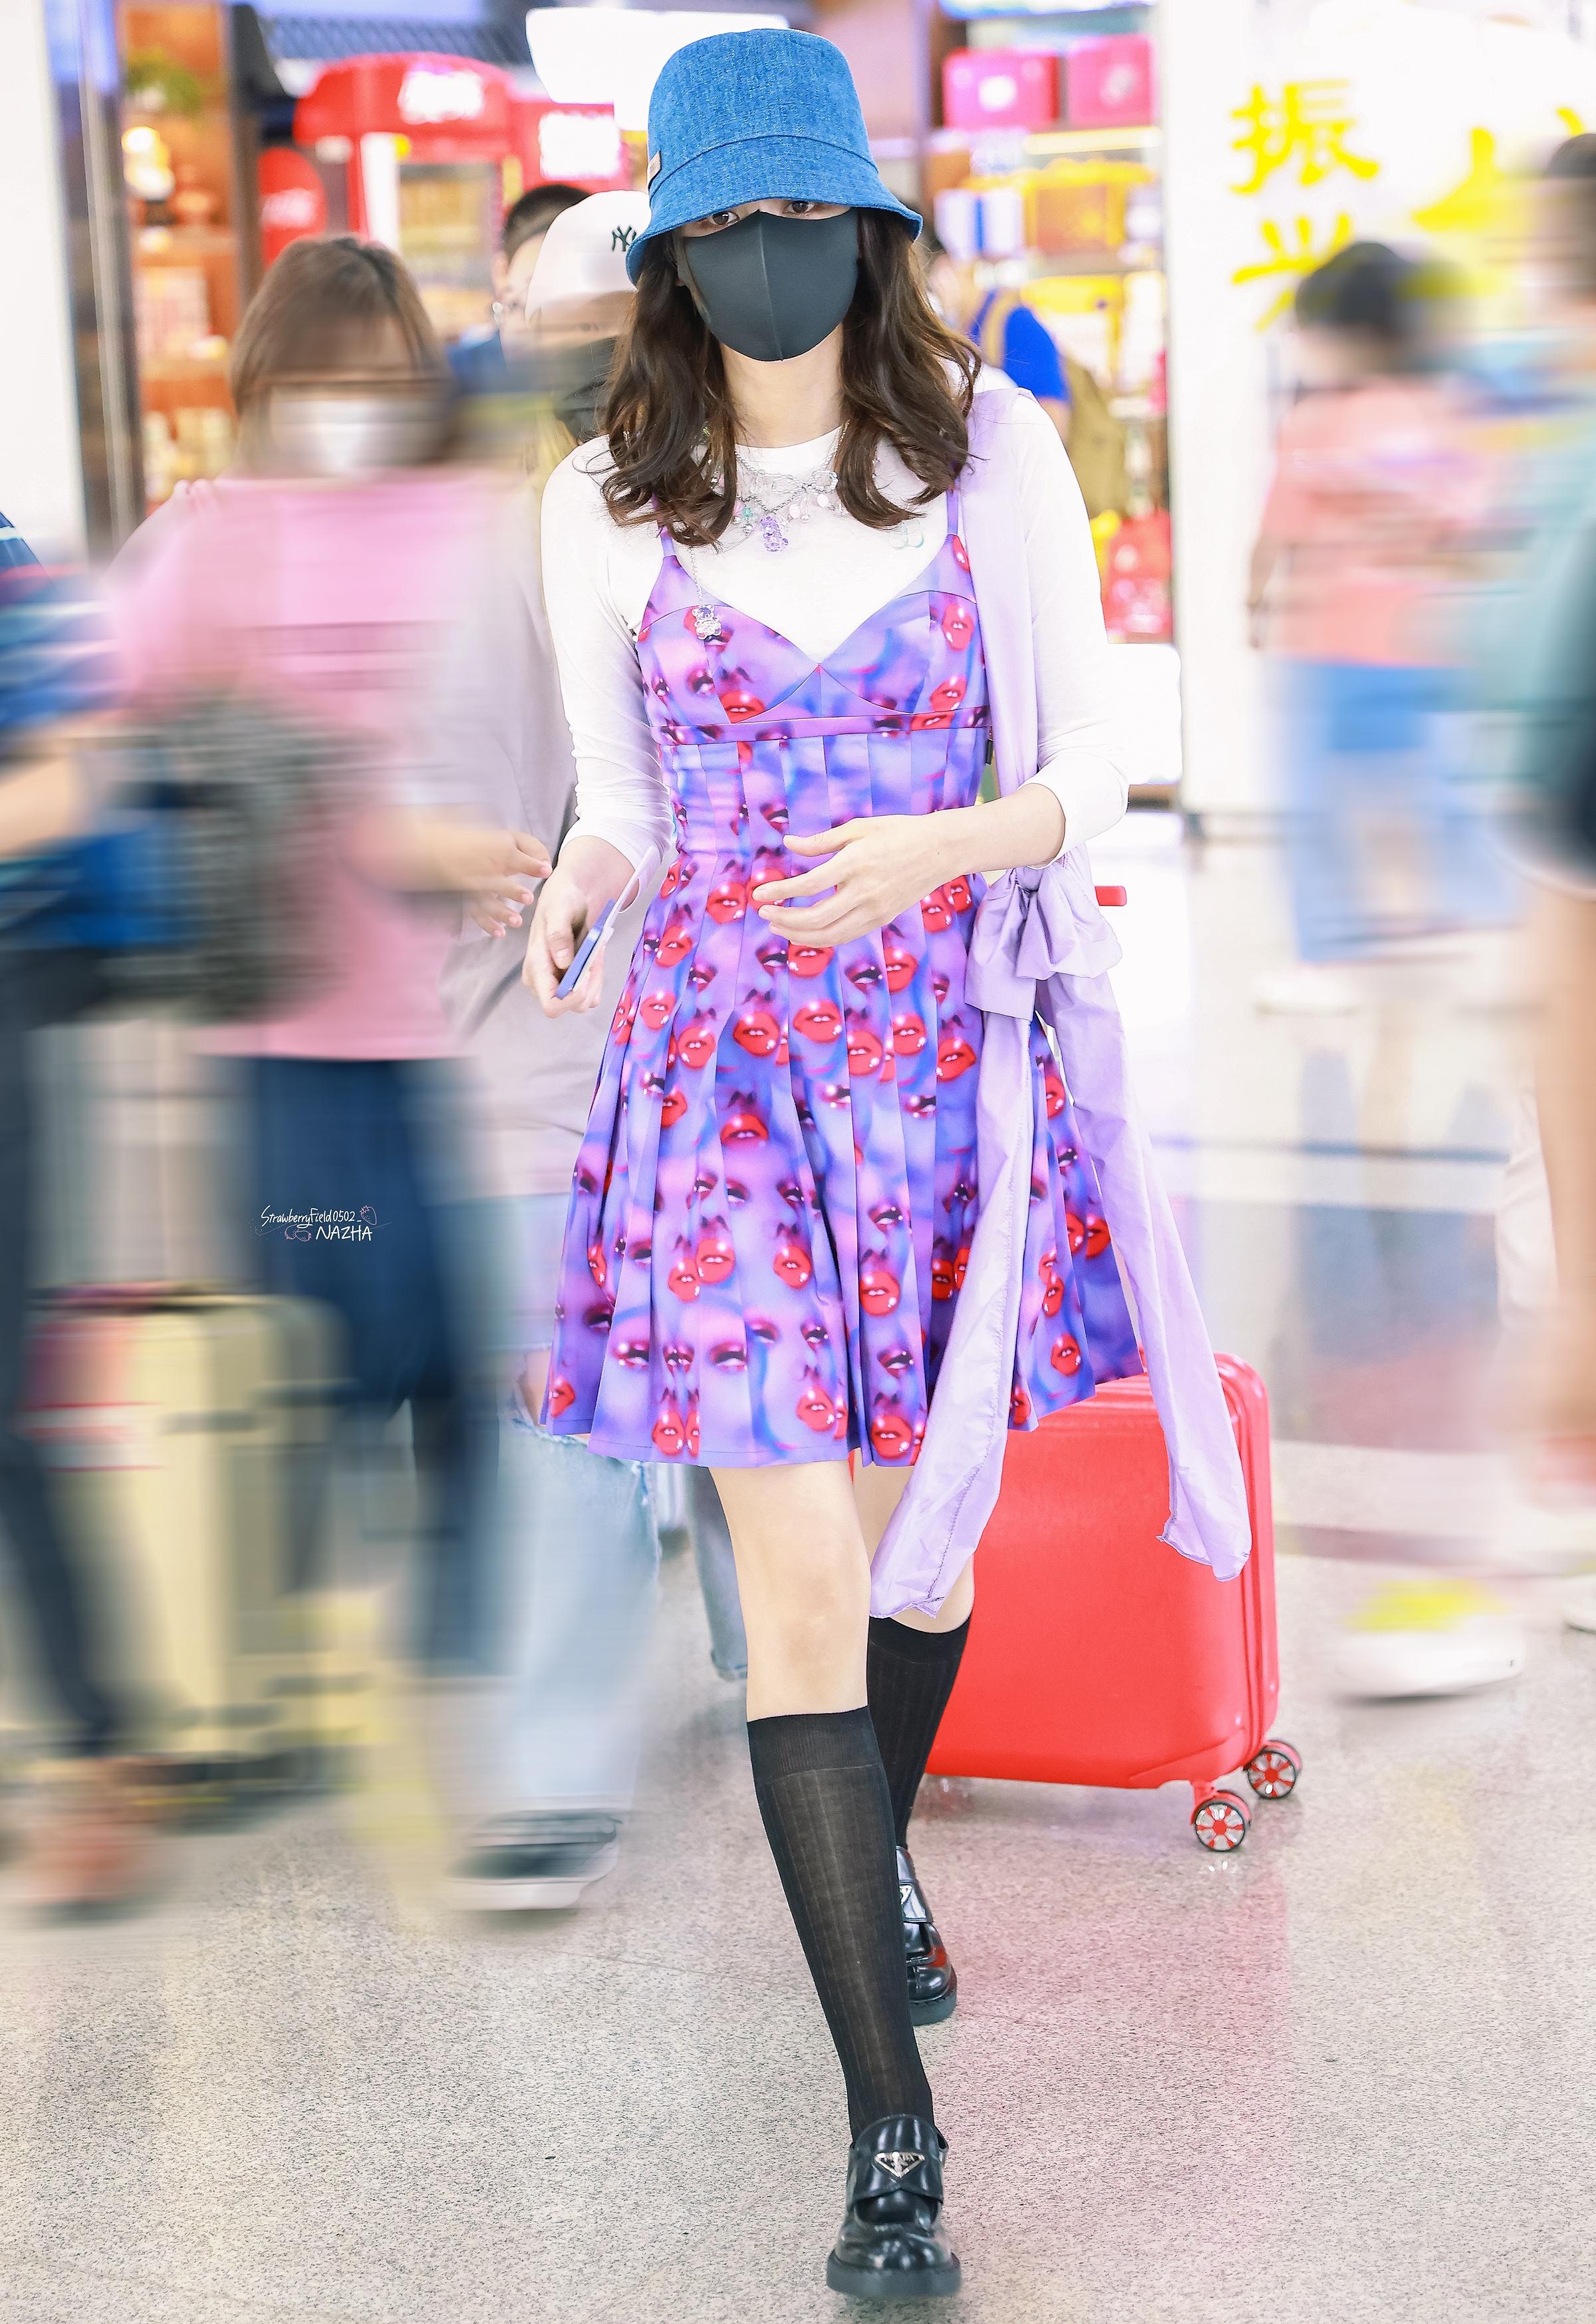 Mới đây, Cổ Lực Na Trát gây chú ý khi ra sân bay với set đồ tím lịm. Phong cách của nữ diễn viên gây tranh cãi vì kết hợp nhiều item không liên quan.